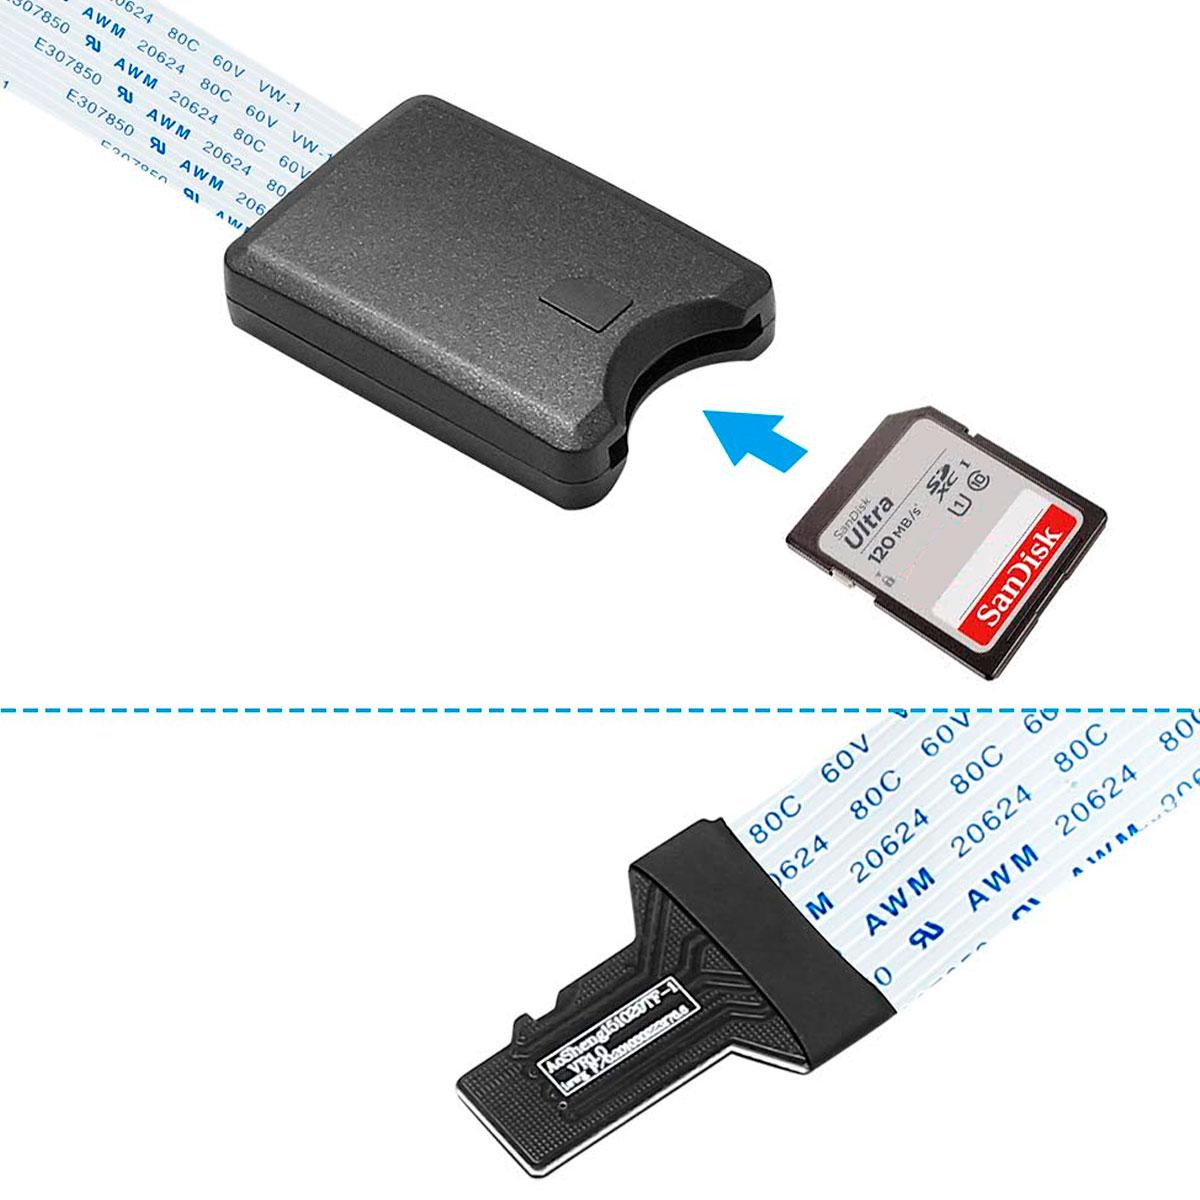 Cabo Extensor de 25 cm para Cartão SD Card Raspberry Pi, Impressoras 3D